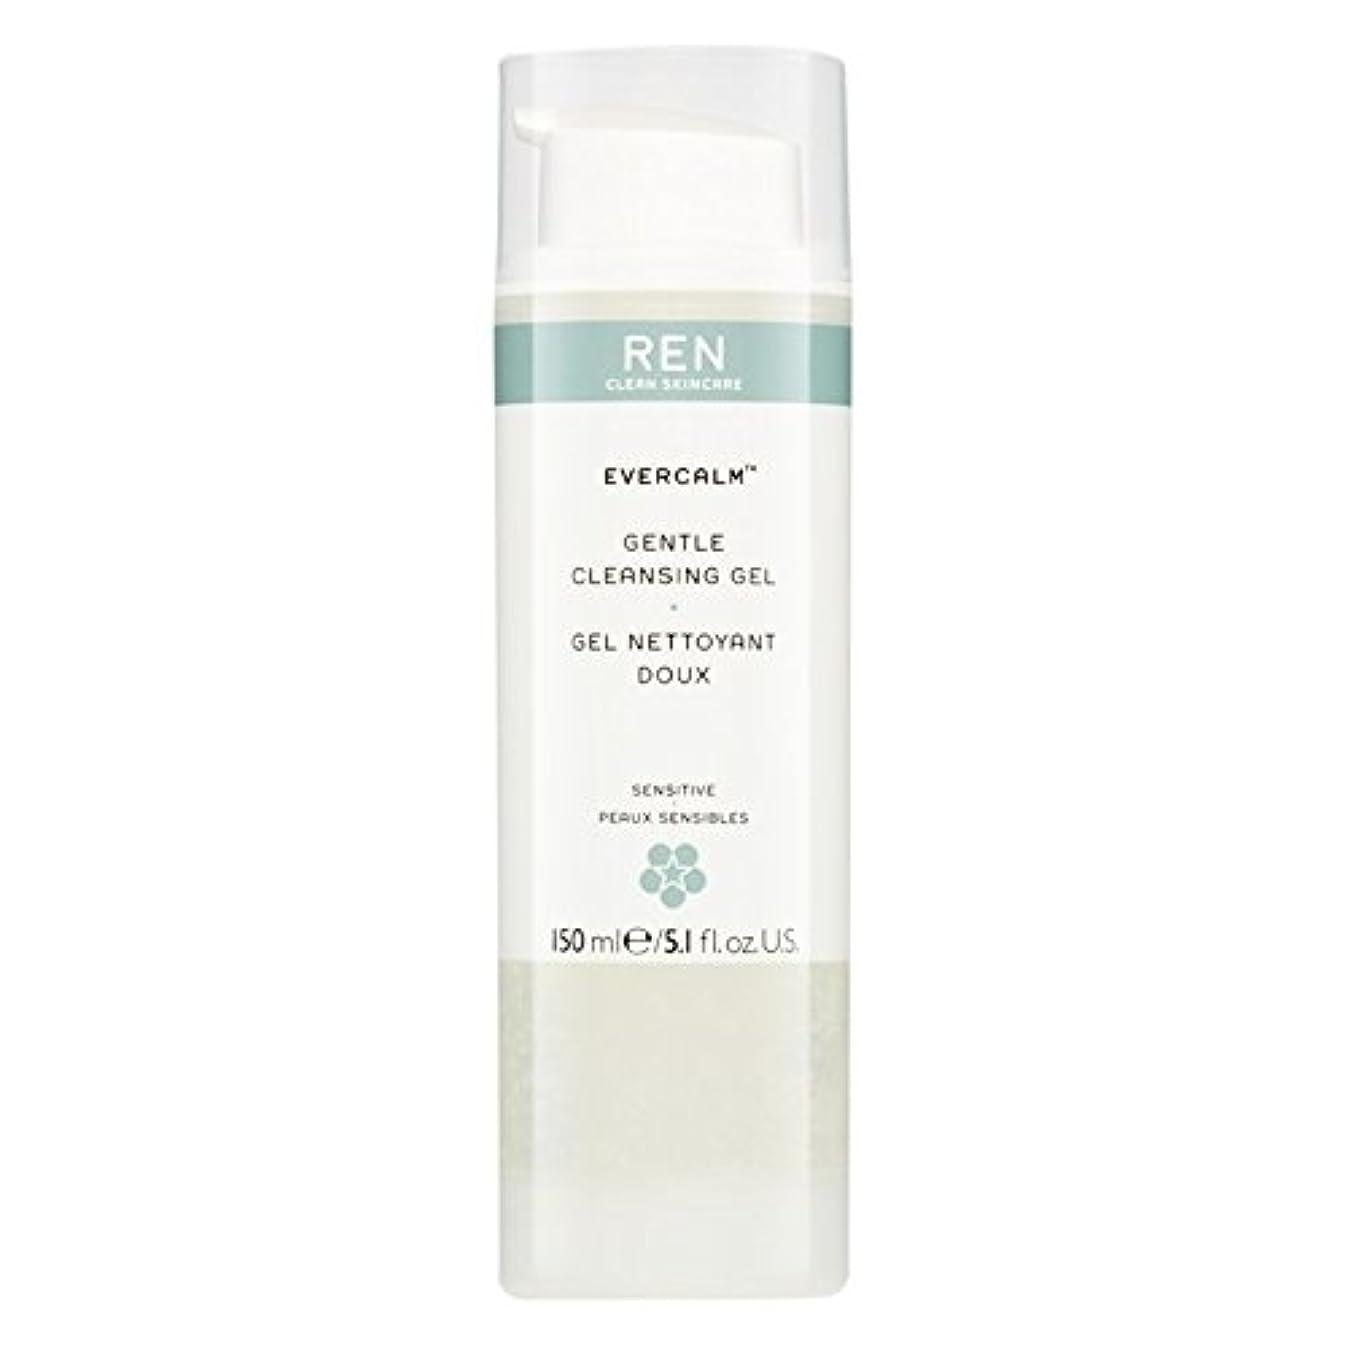 エントリ気難しい予想外Ren Evercalm優しいクレンジングジェル、150ミリリットル (REN) (x2) - REN Evercalm Gentle Cleansing Gel, 150ml (Pack of 2) [並行輸入品]